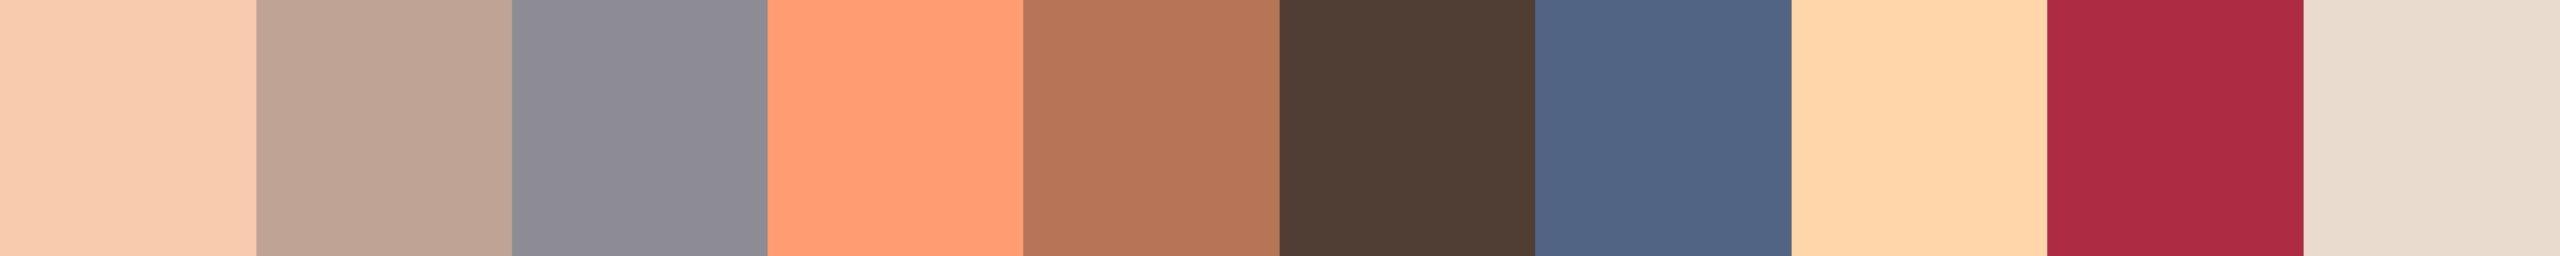 189 Aimiarana Color Palette